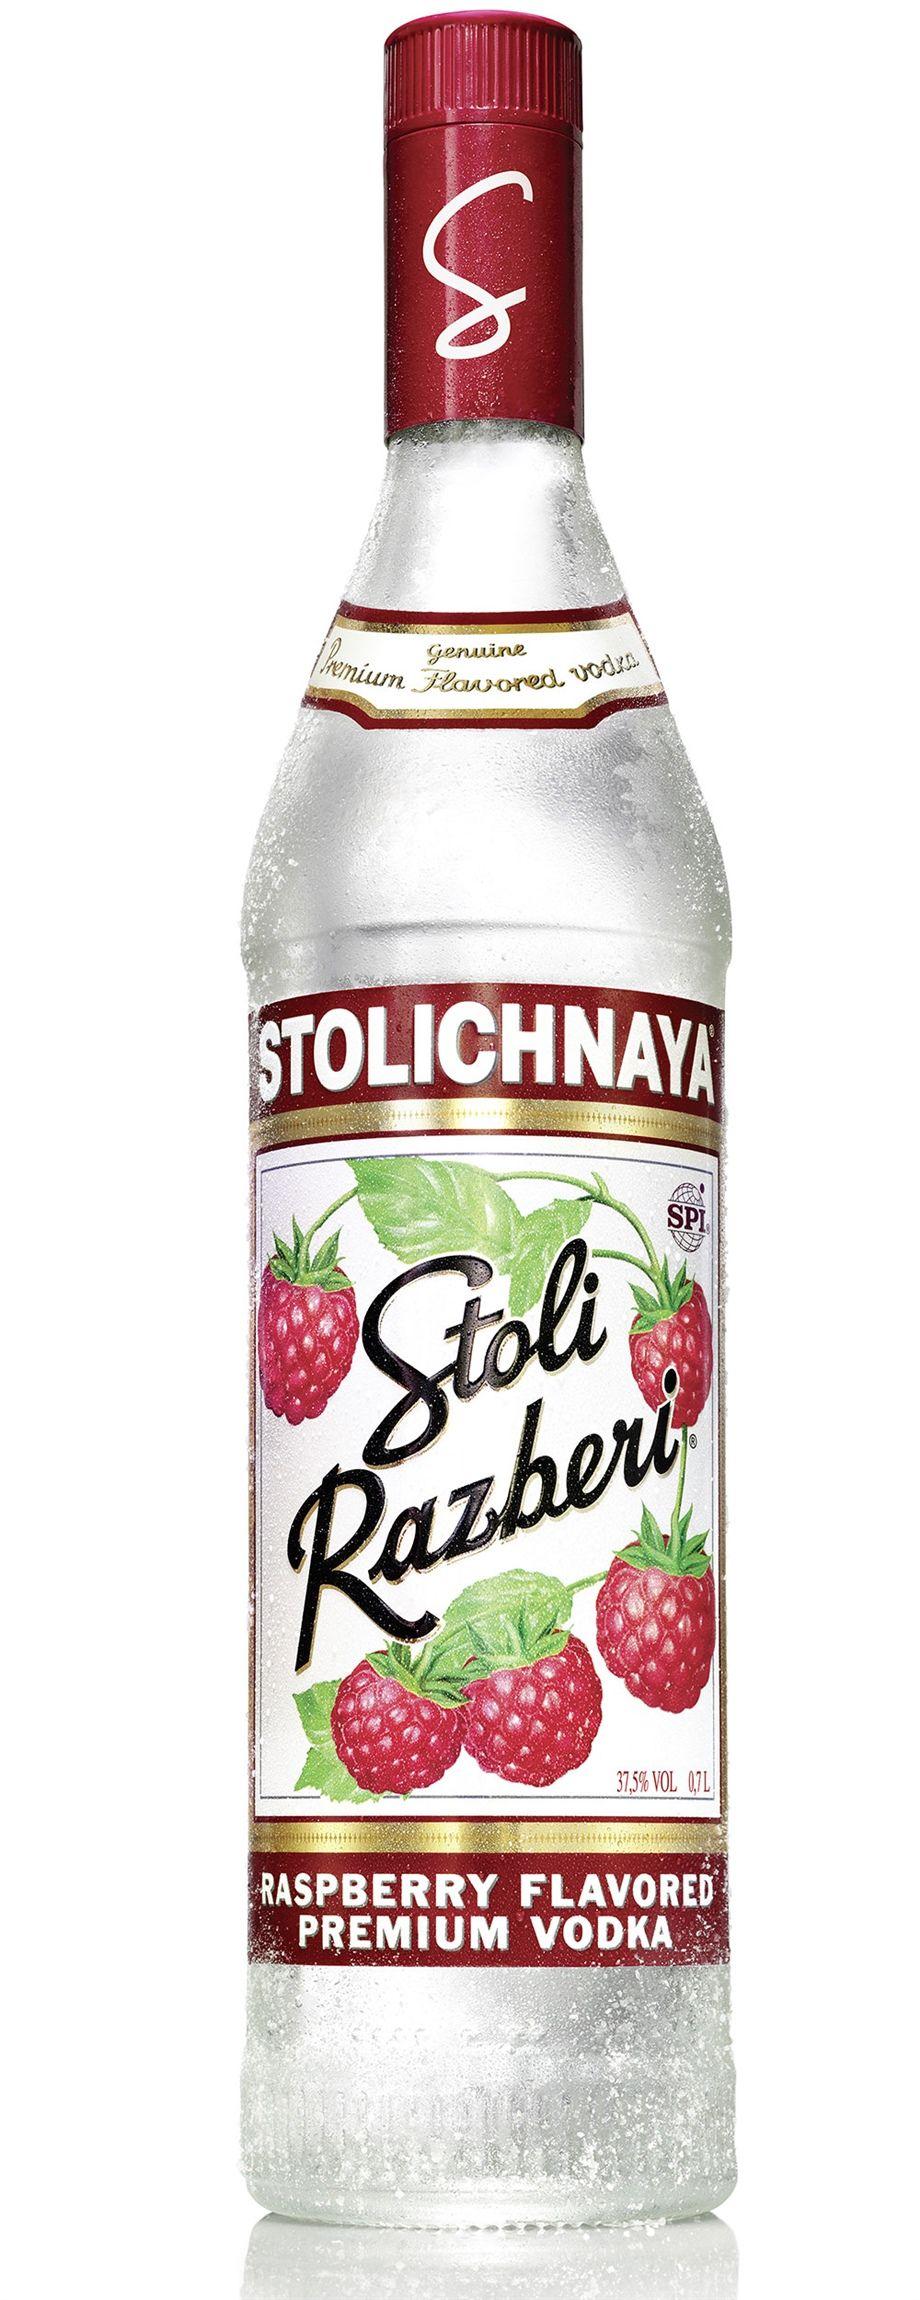 Stolichnaya Razberi 37,5% 0,7l